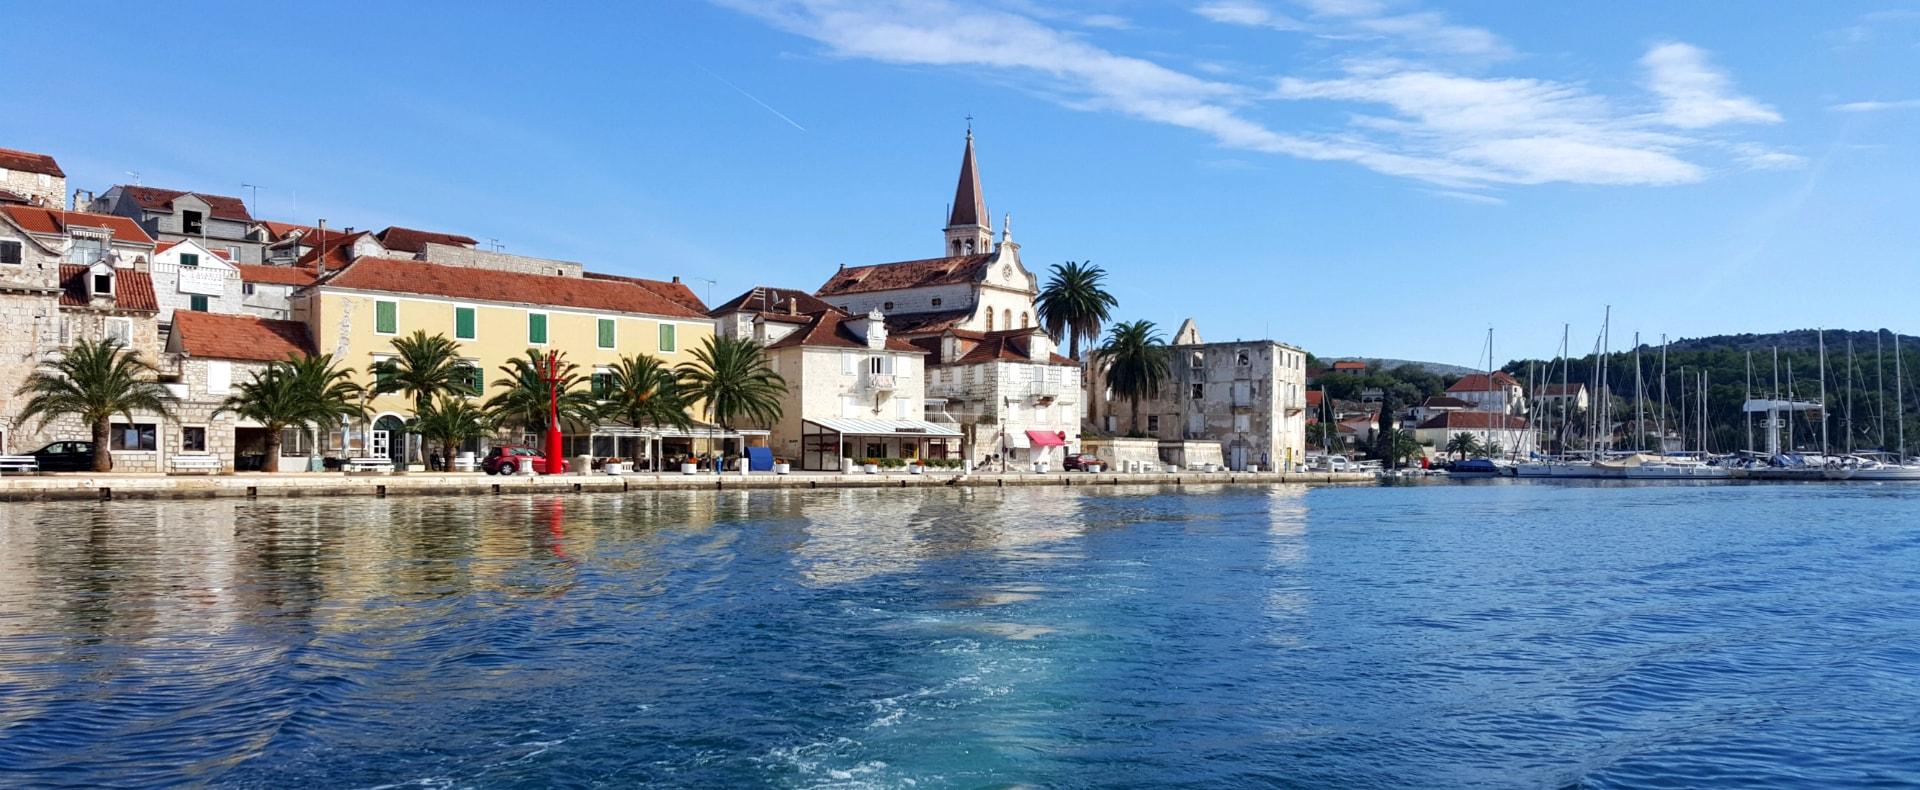 Milna, Brac, Croatia